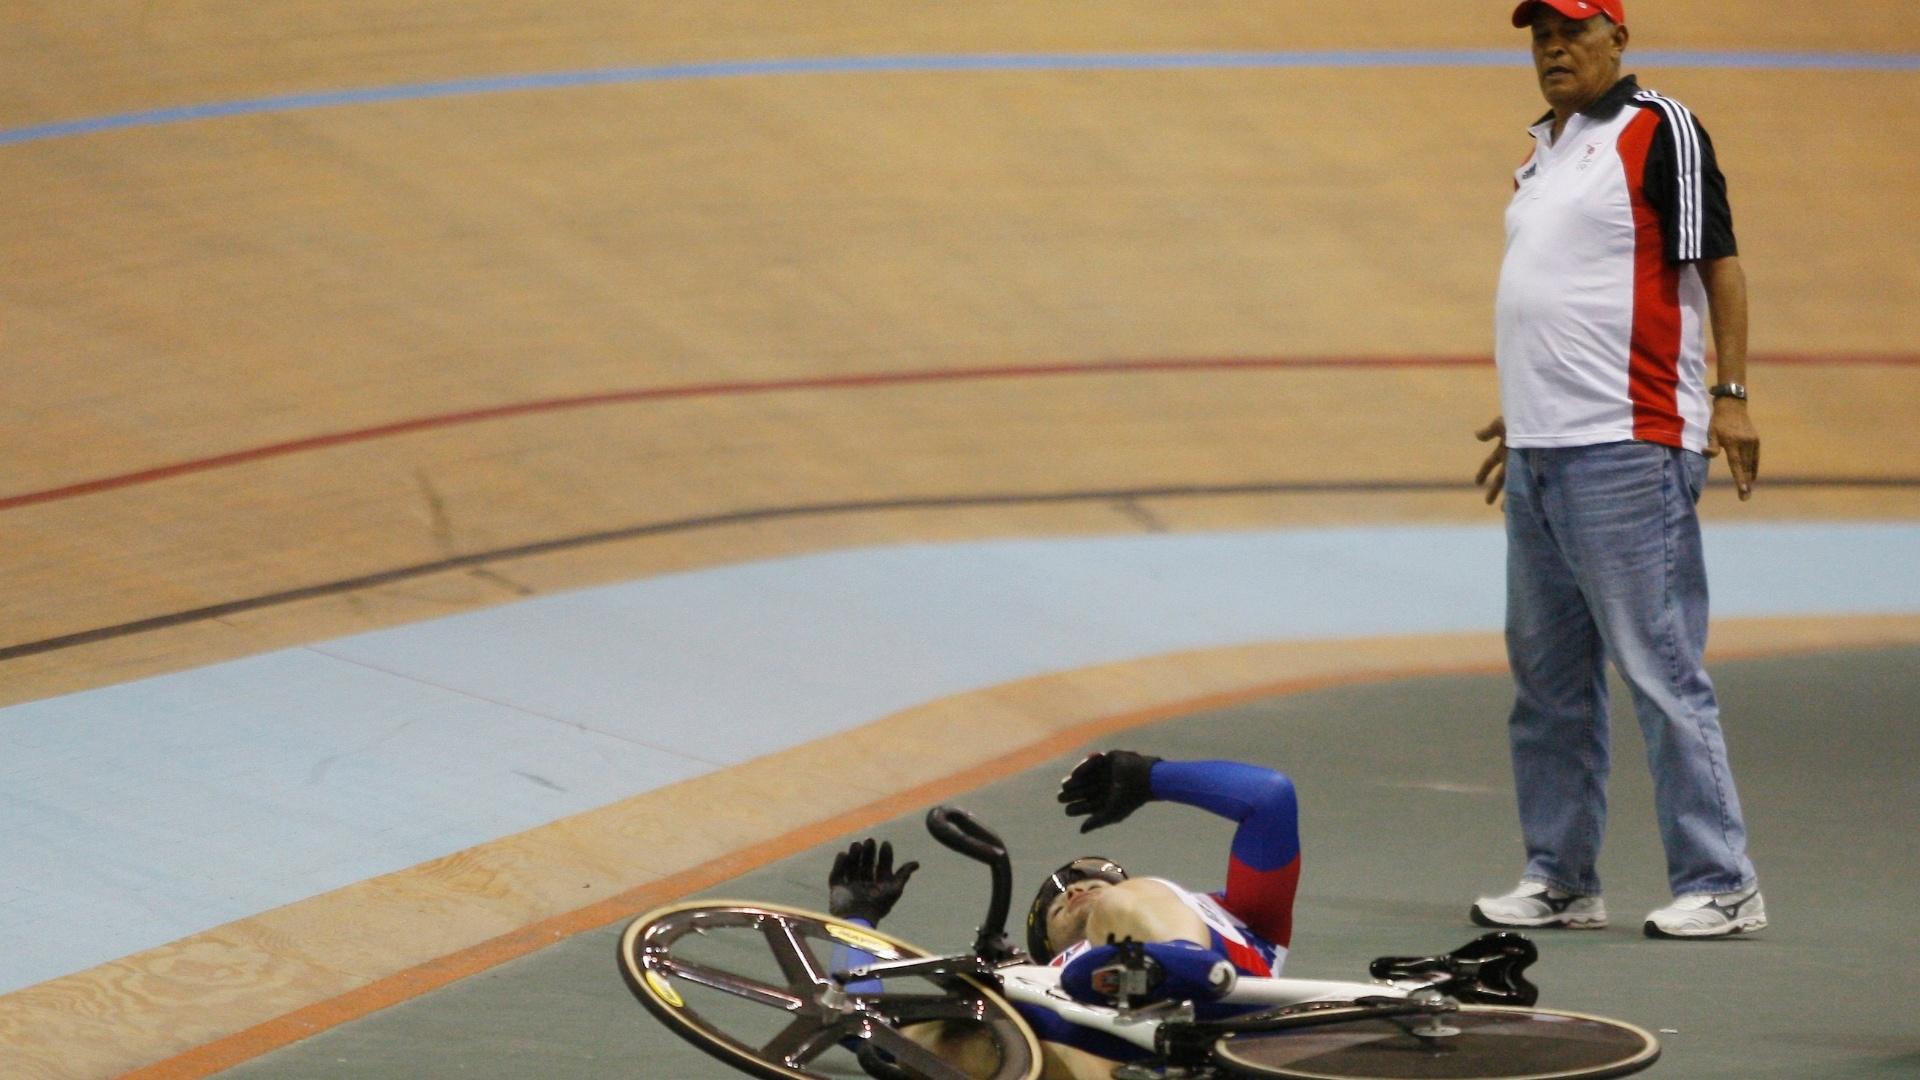 Homem observa queda do norte-americano Michael Blatchford no ciclismo (18/10/2011)